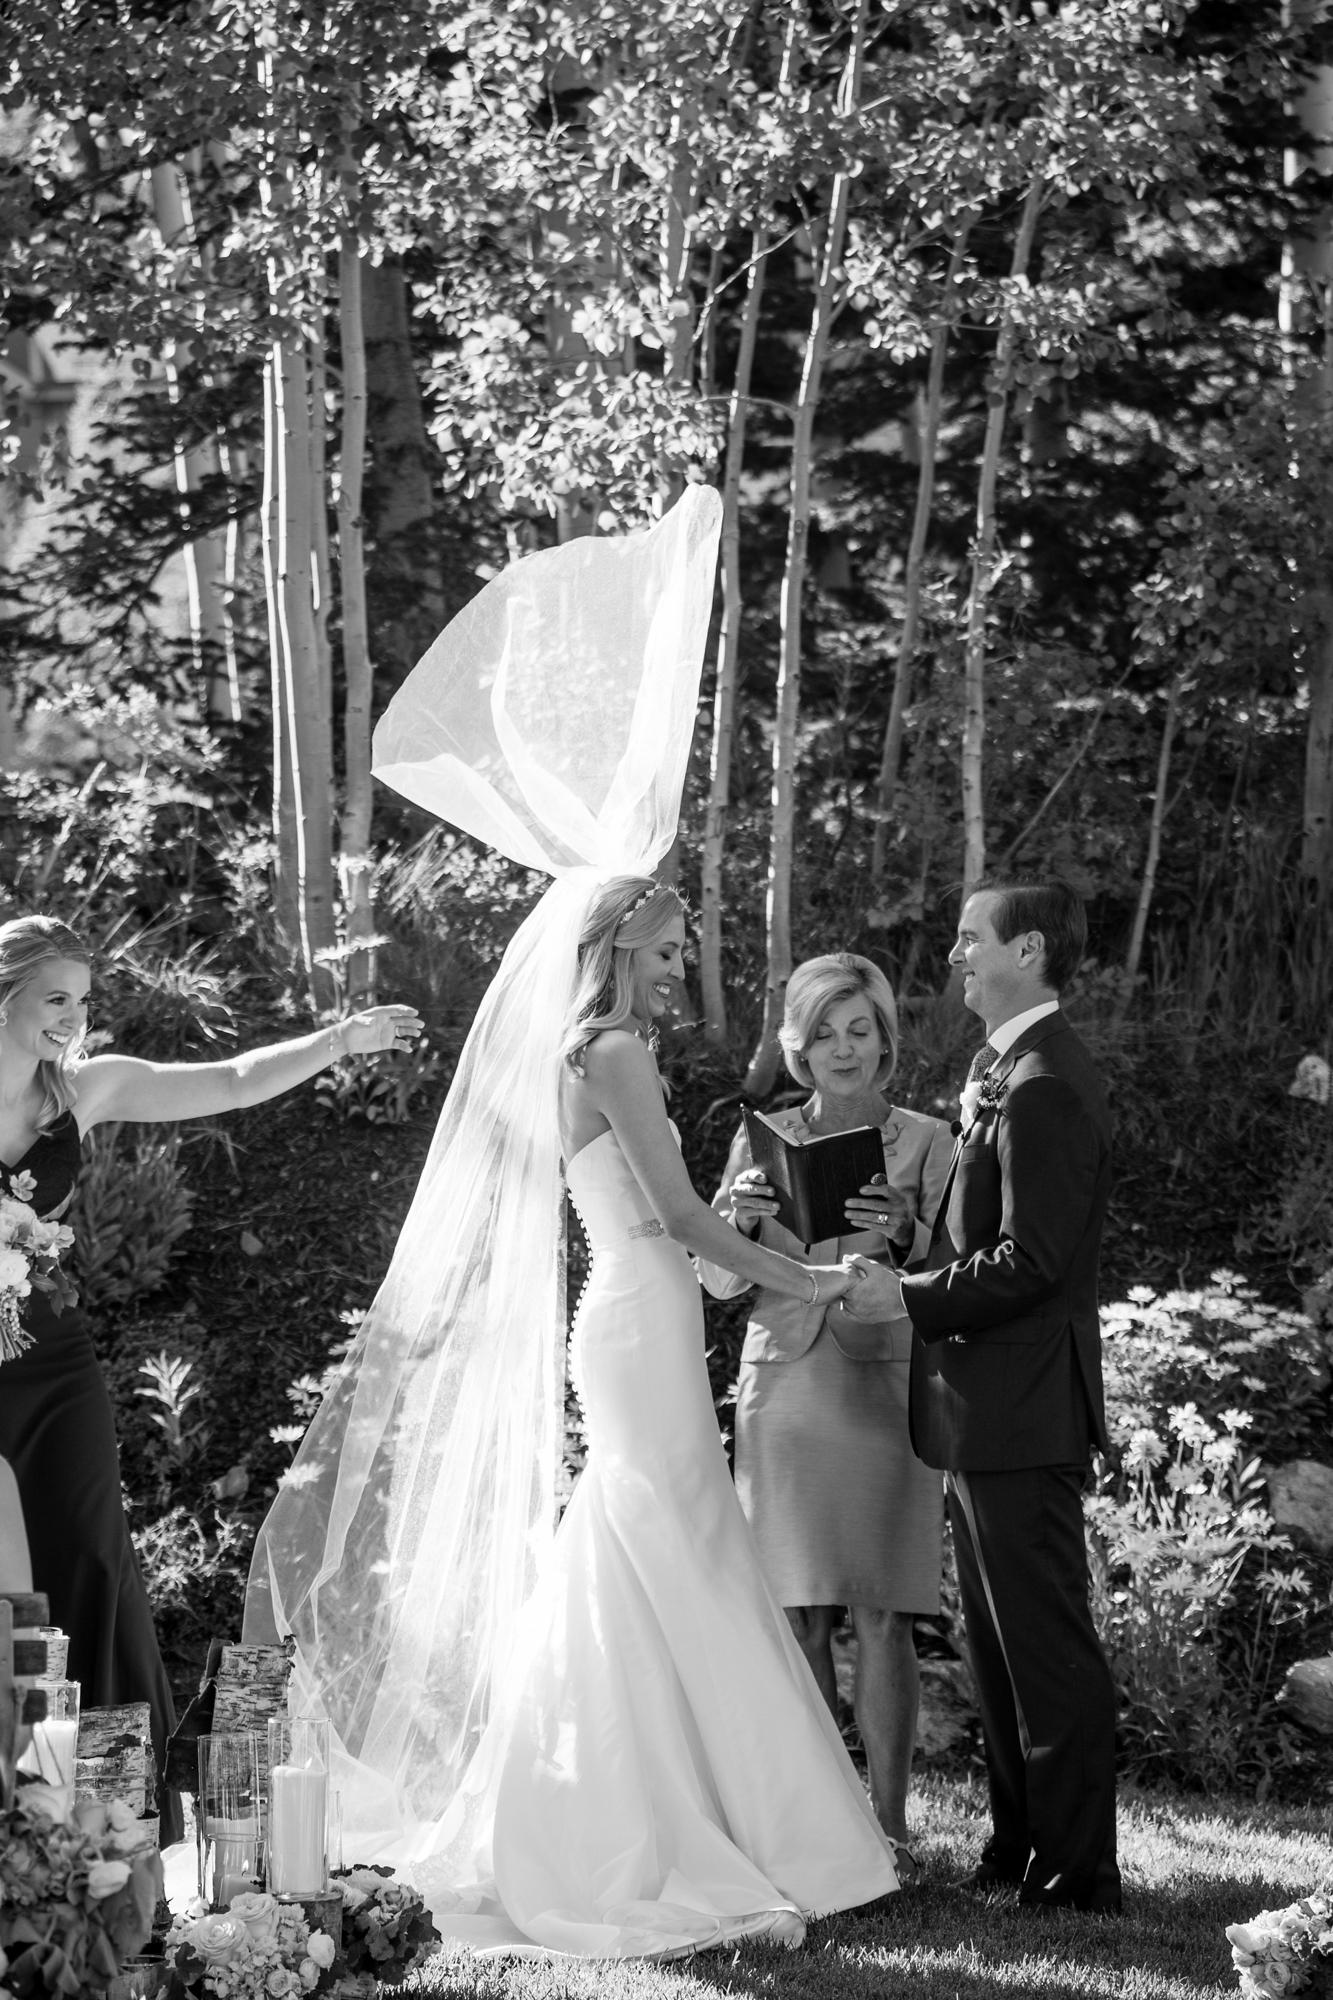 deer-valley-wedding-photographer-18.jpg